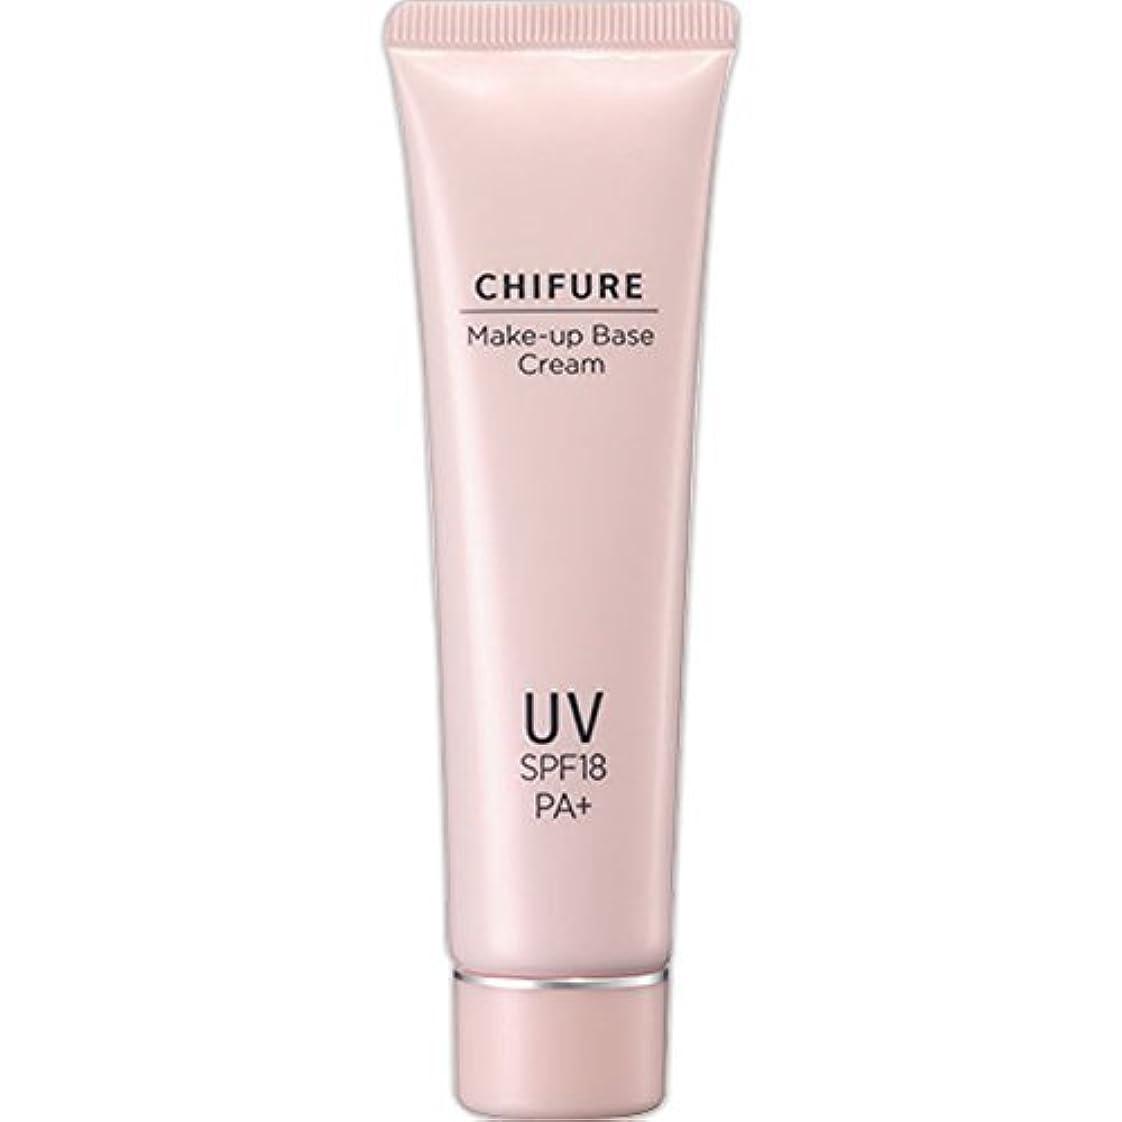 プレート切断する水差しちふれ化粧品 メーキャップ ベース クリーム UV MベースクリームUV